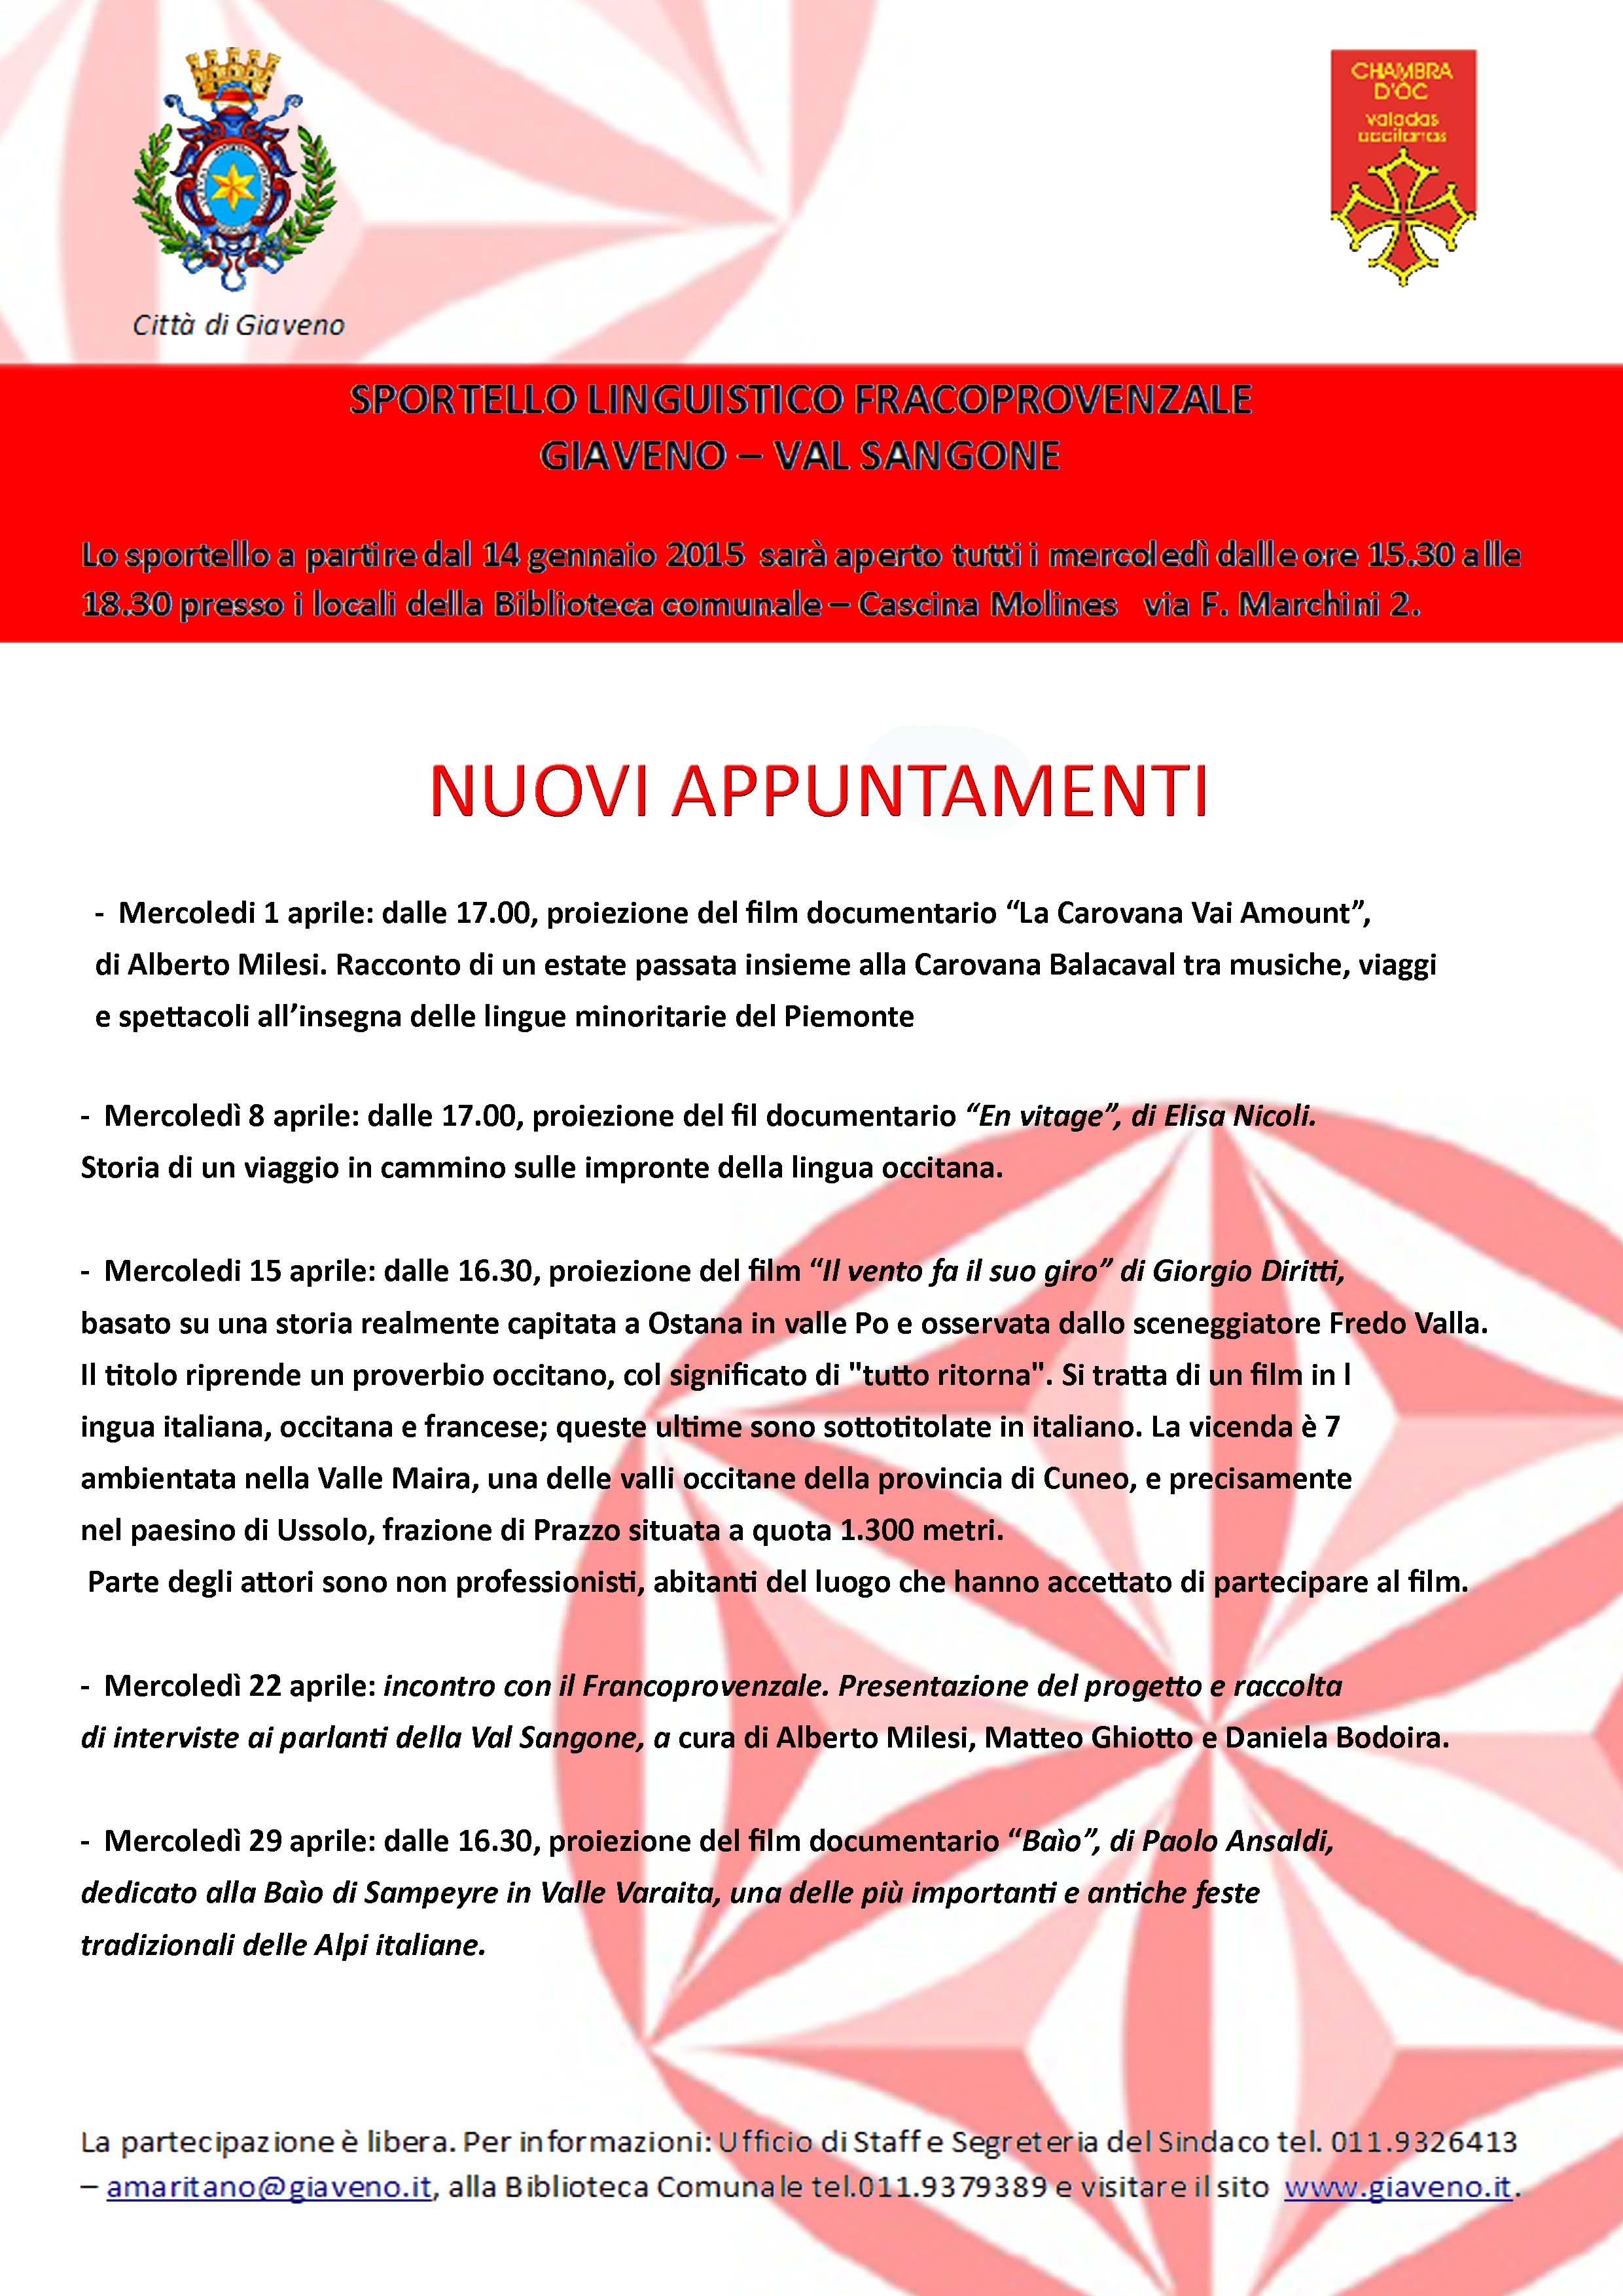 Nuovi appuntamenti ad aprile con lo Sportello Francoprovenzale